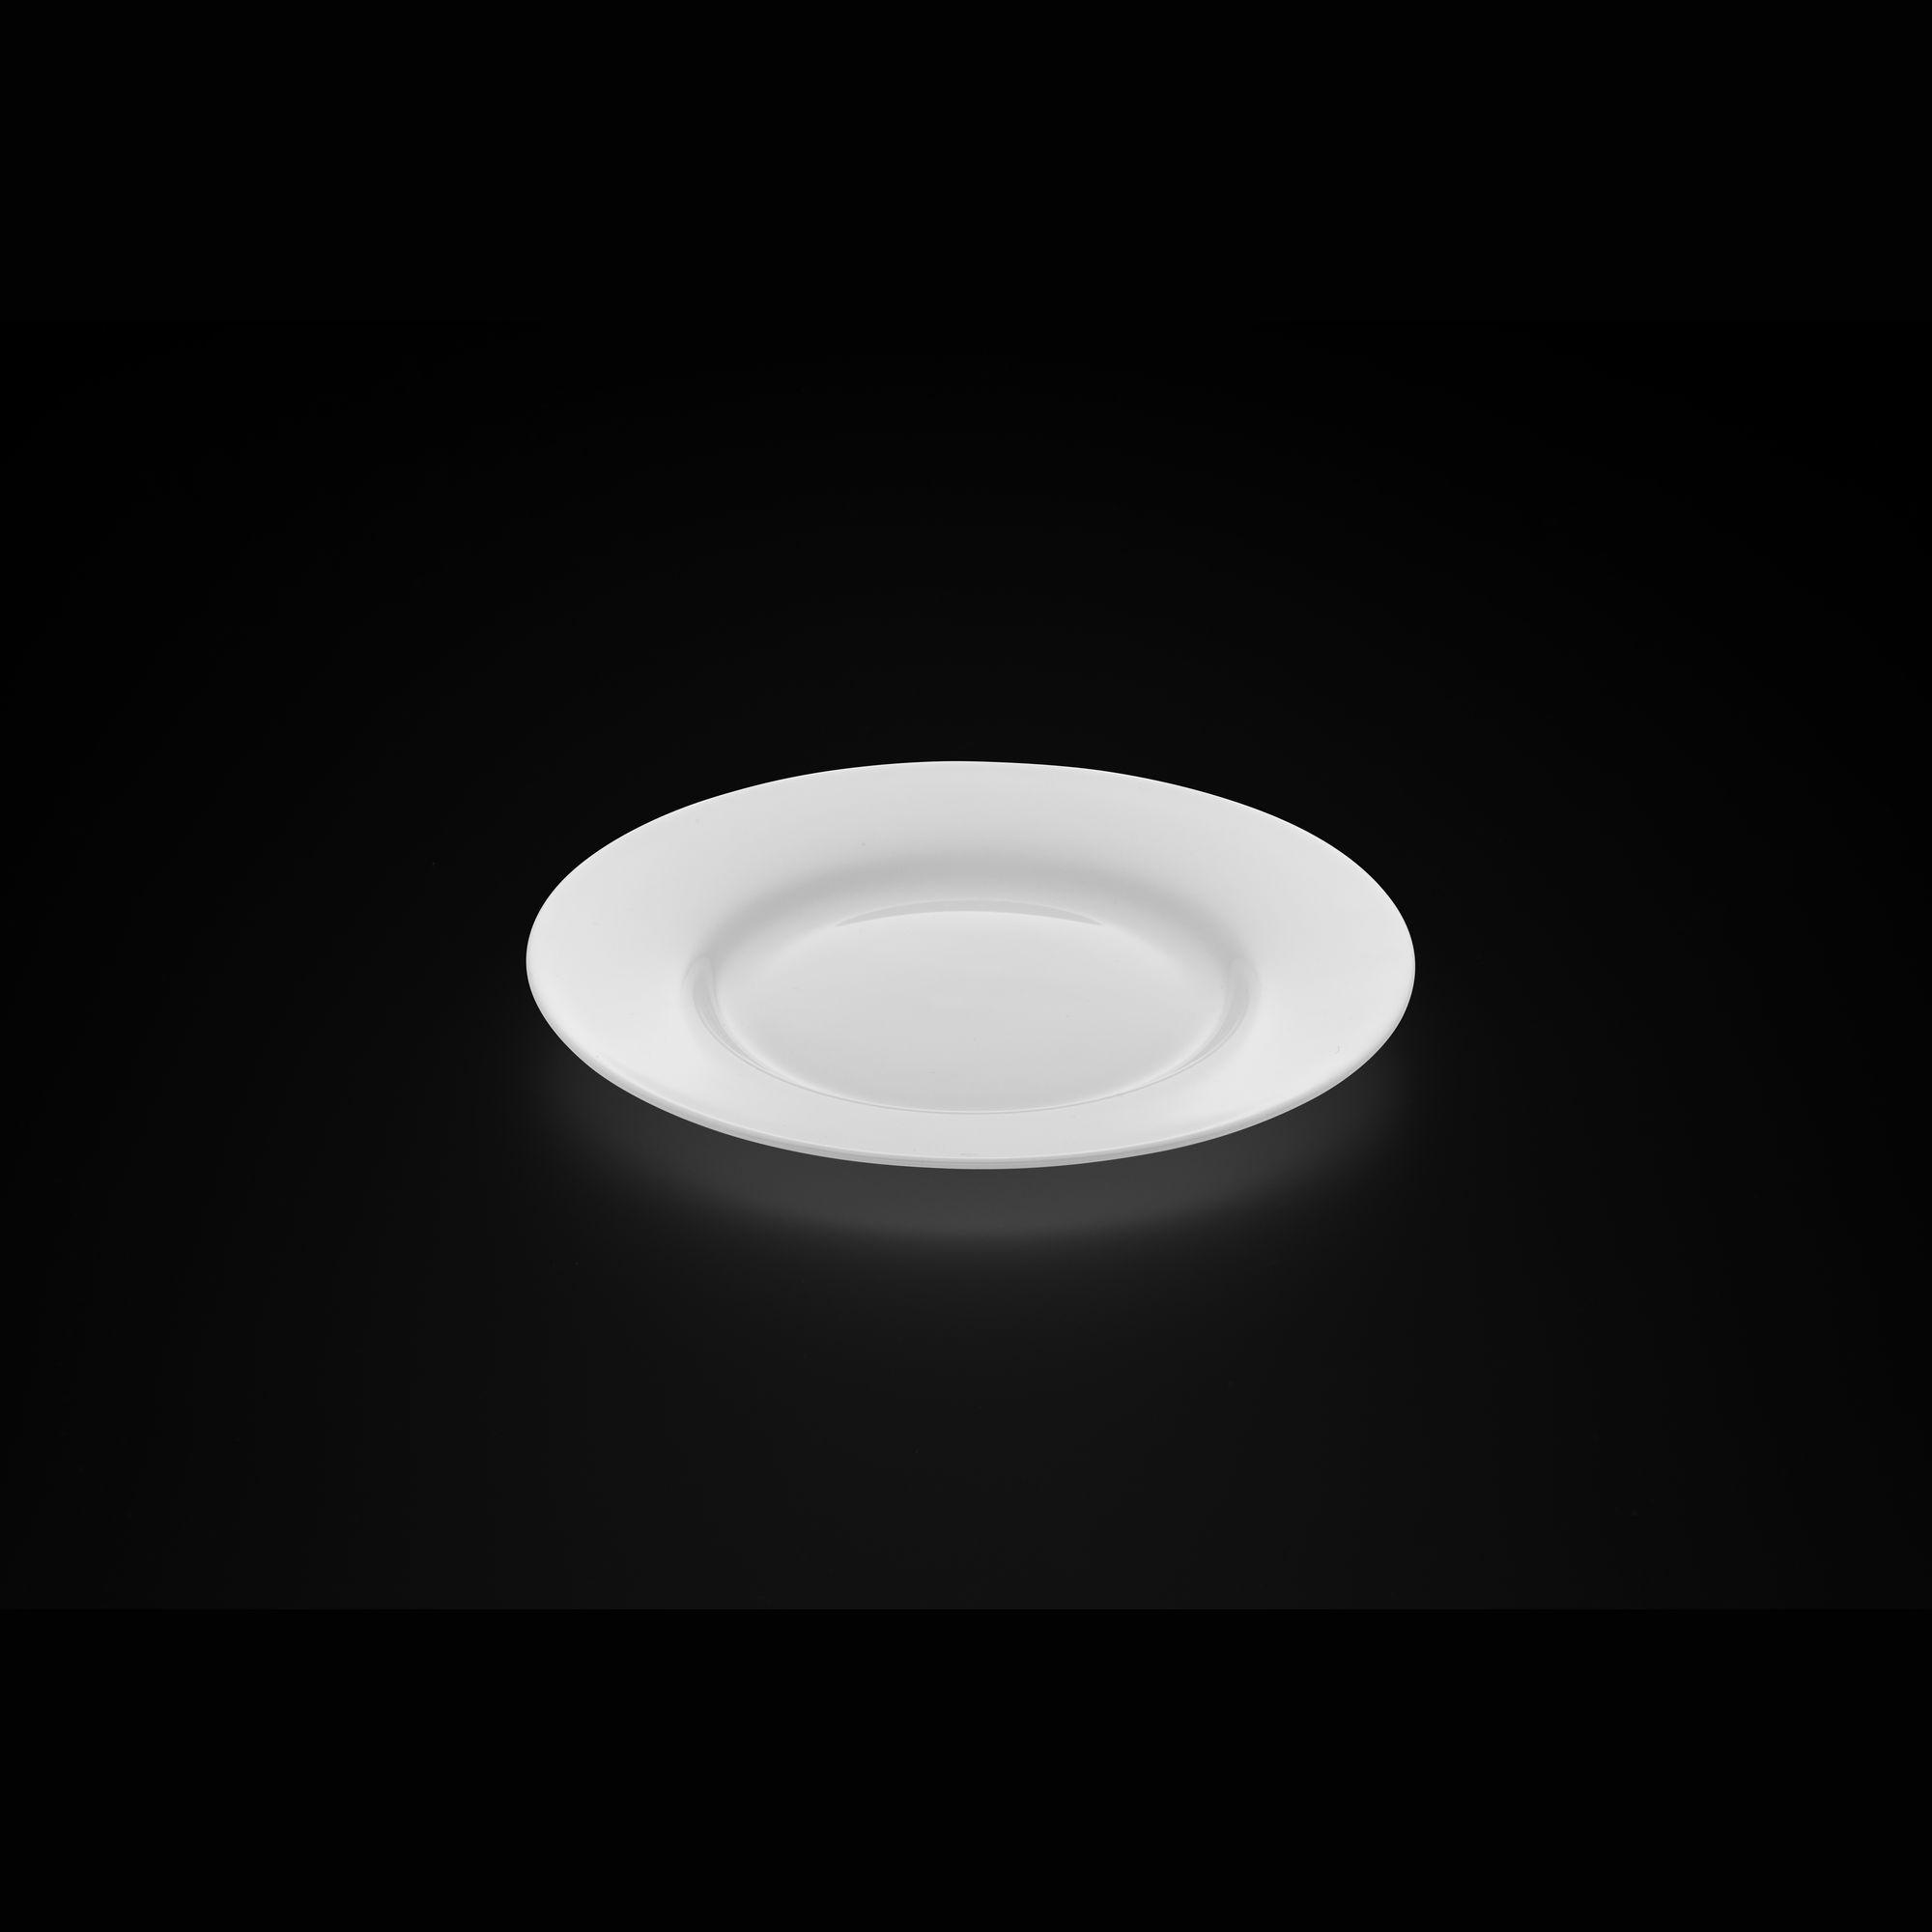 TUDOR ENGLAND Тарелка десертная 20 смФарфор Tudor England – идеальное посудное решение для любой семьи или ресторана благодаря доступной цене, отличному внешнему виду и высокому качеству, прочности и долговечности, привлекательному дизайну и большому ассортименту на выбор. Важным преимуществом является возможность использования в микроволновой печи, духовке (до 280 градусов) и мытья в посудомоечной машине. Линейка Tudor Ware производилась с 1828 года, поэтому фарфор Tudor England является наследником традиций, навыков и технологий ушедших поколений, что отражается в каждой из наших фарфоровых коллекций.<br>